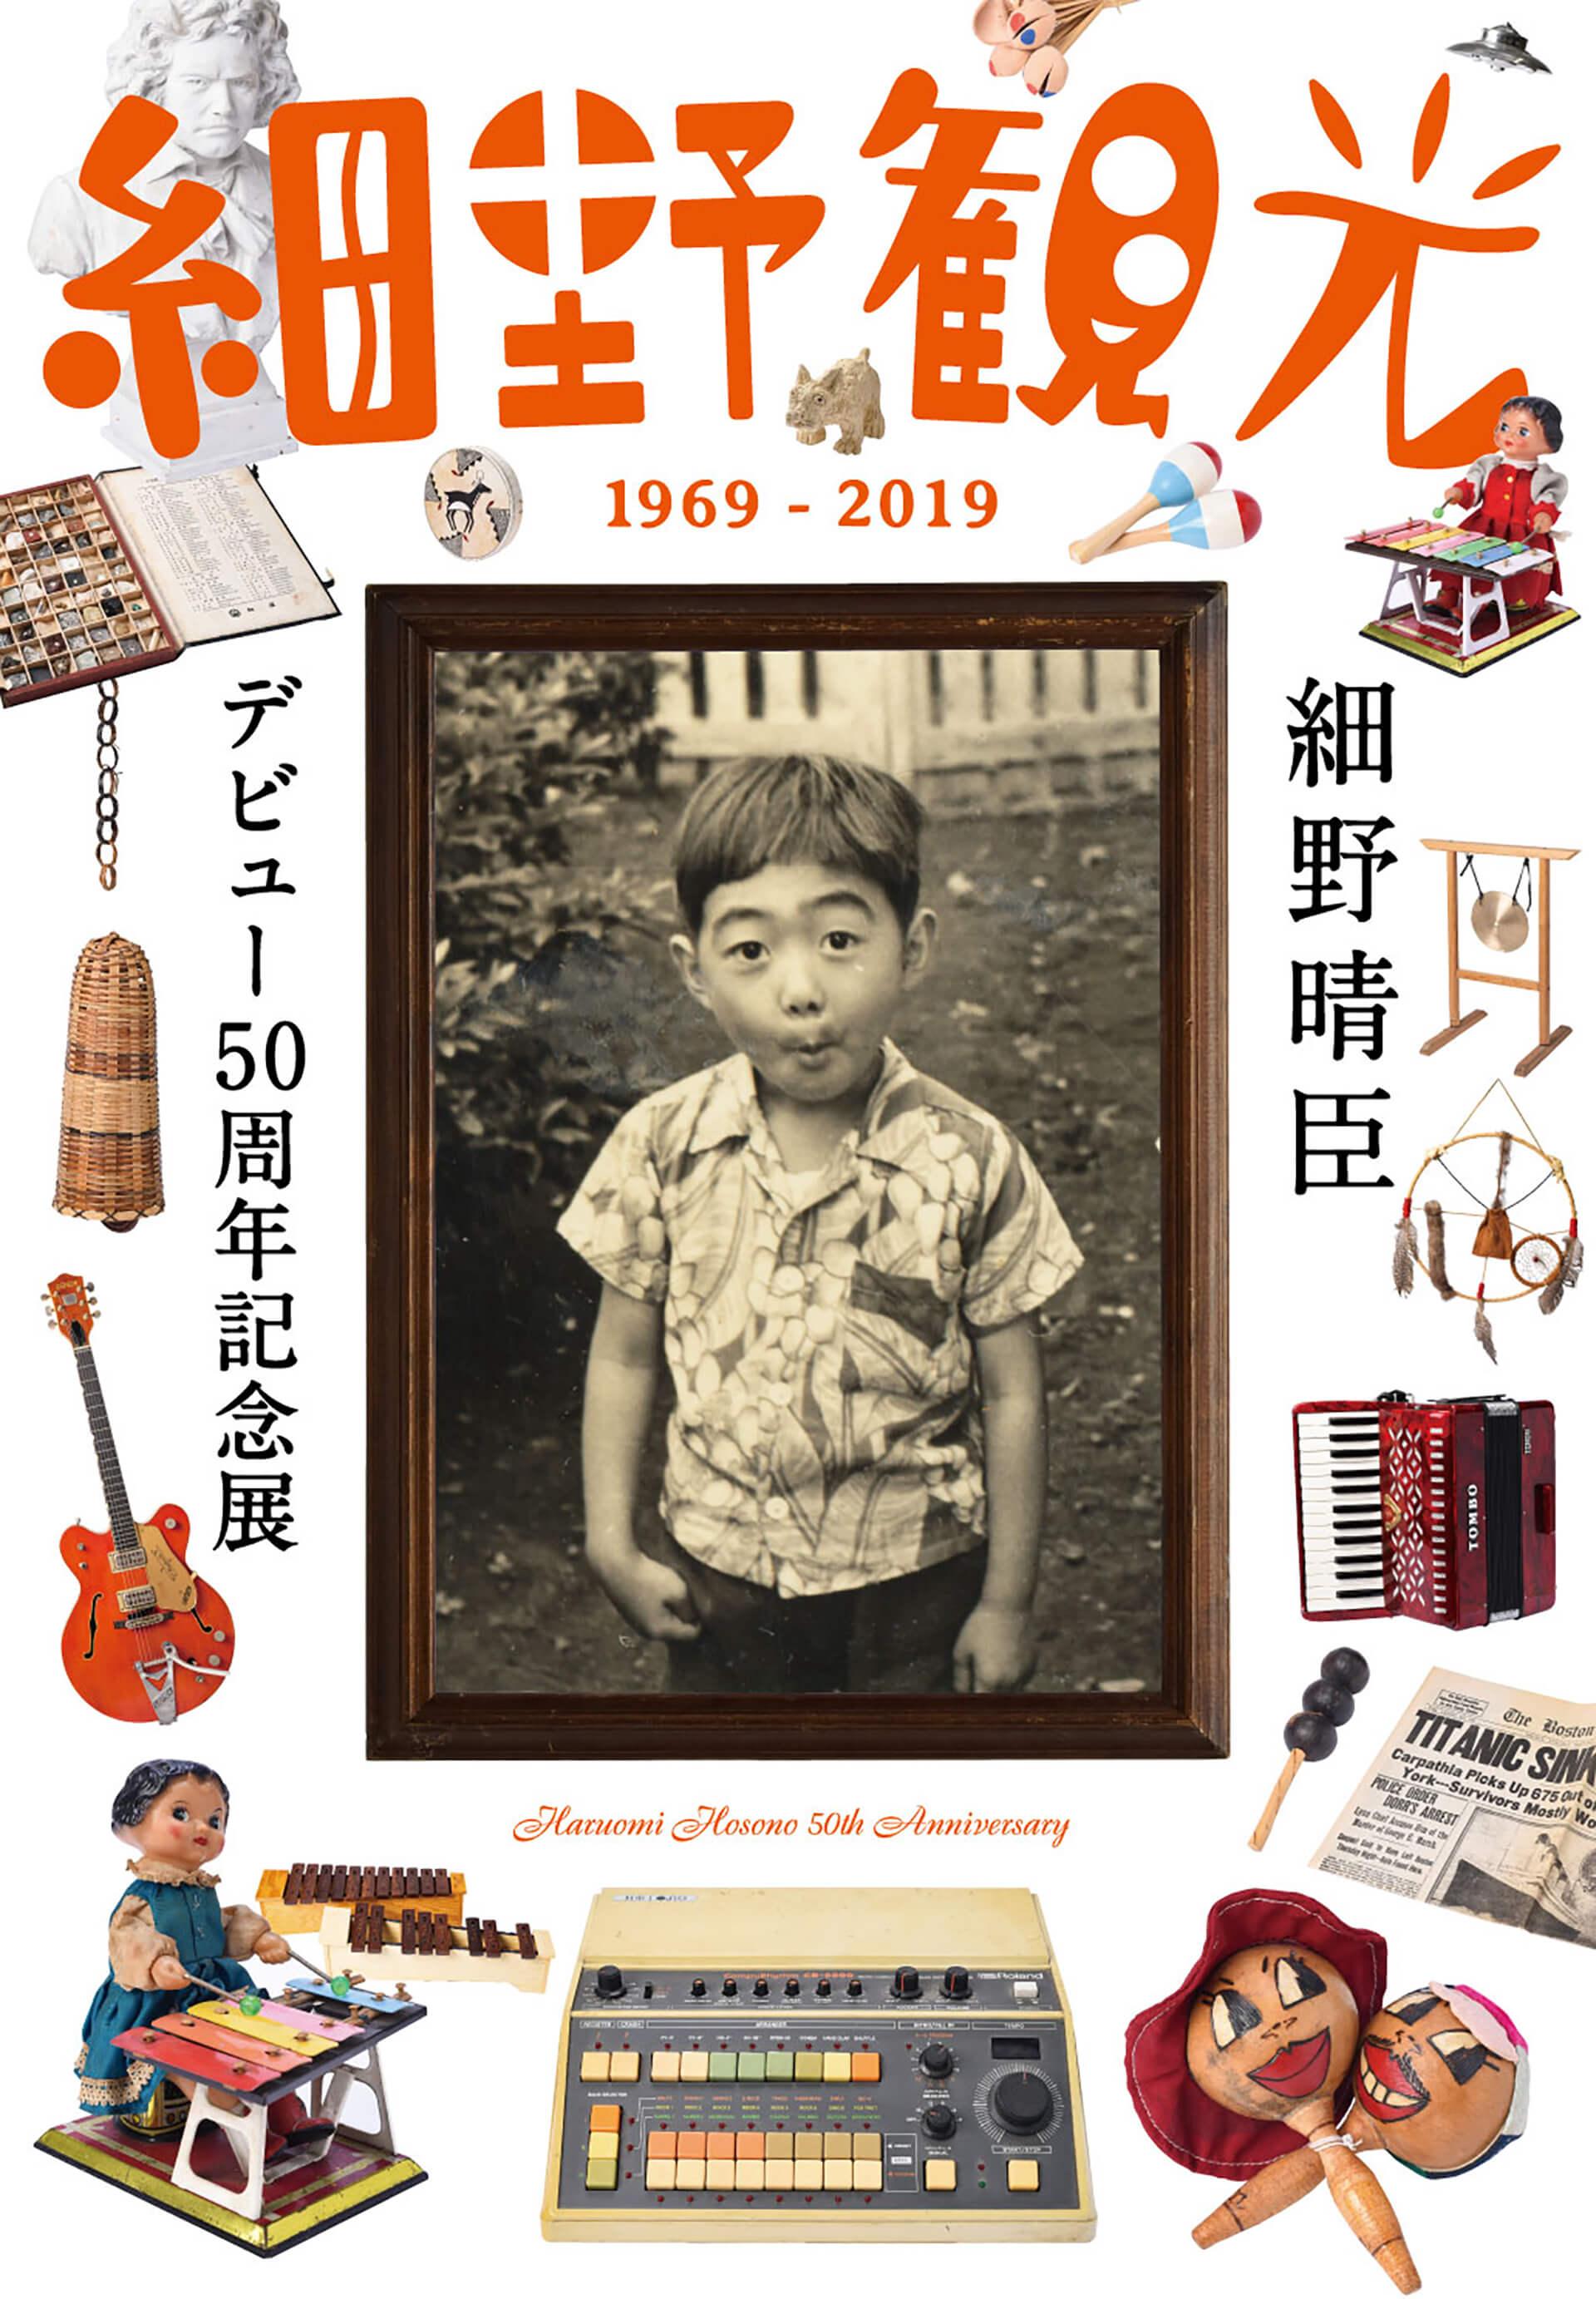 細野観光1969 - 2019のメインビジュアル